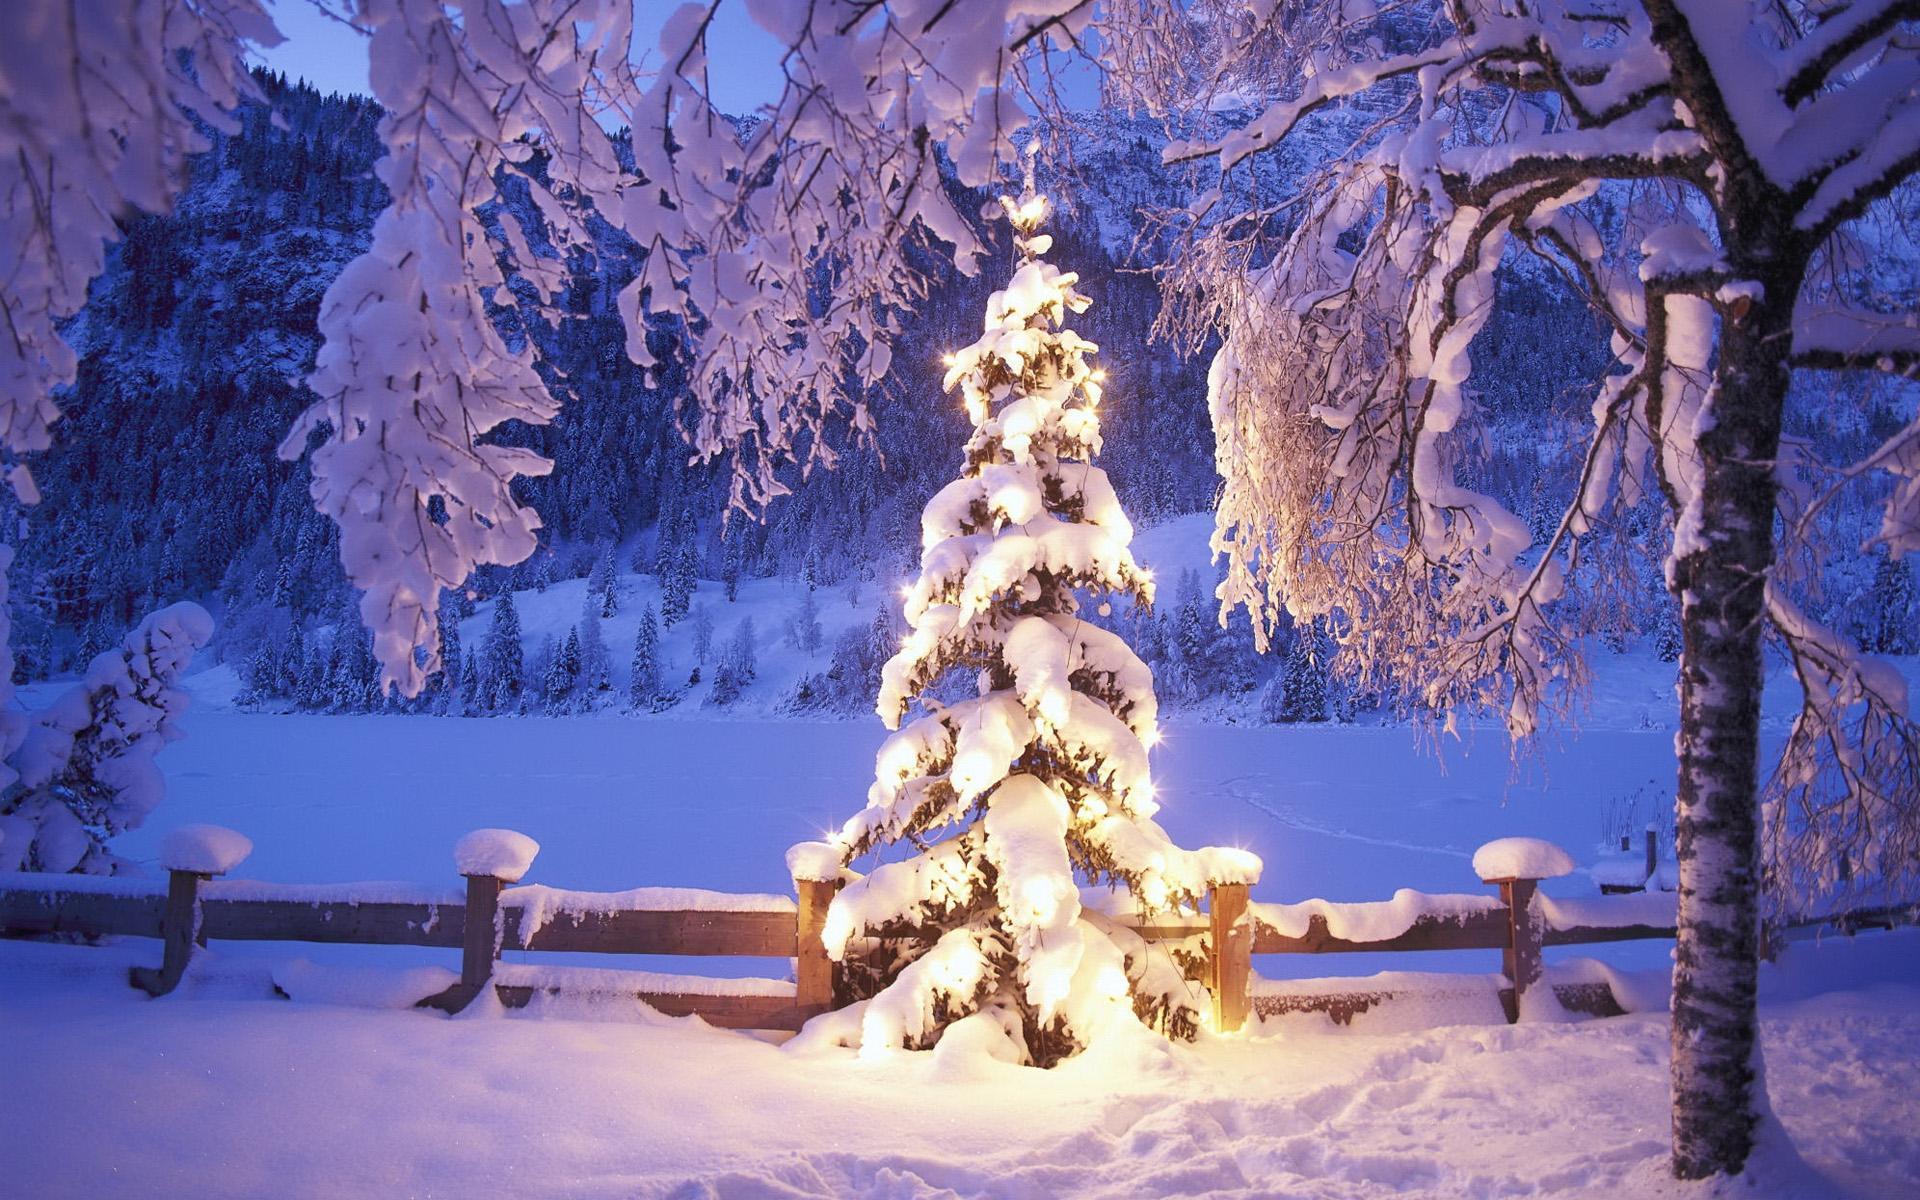 зима картинки для рабочего стола: